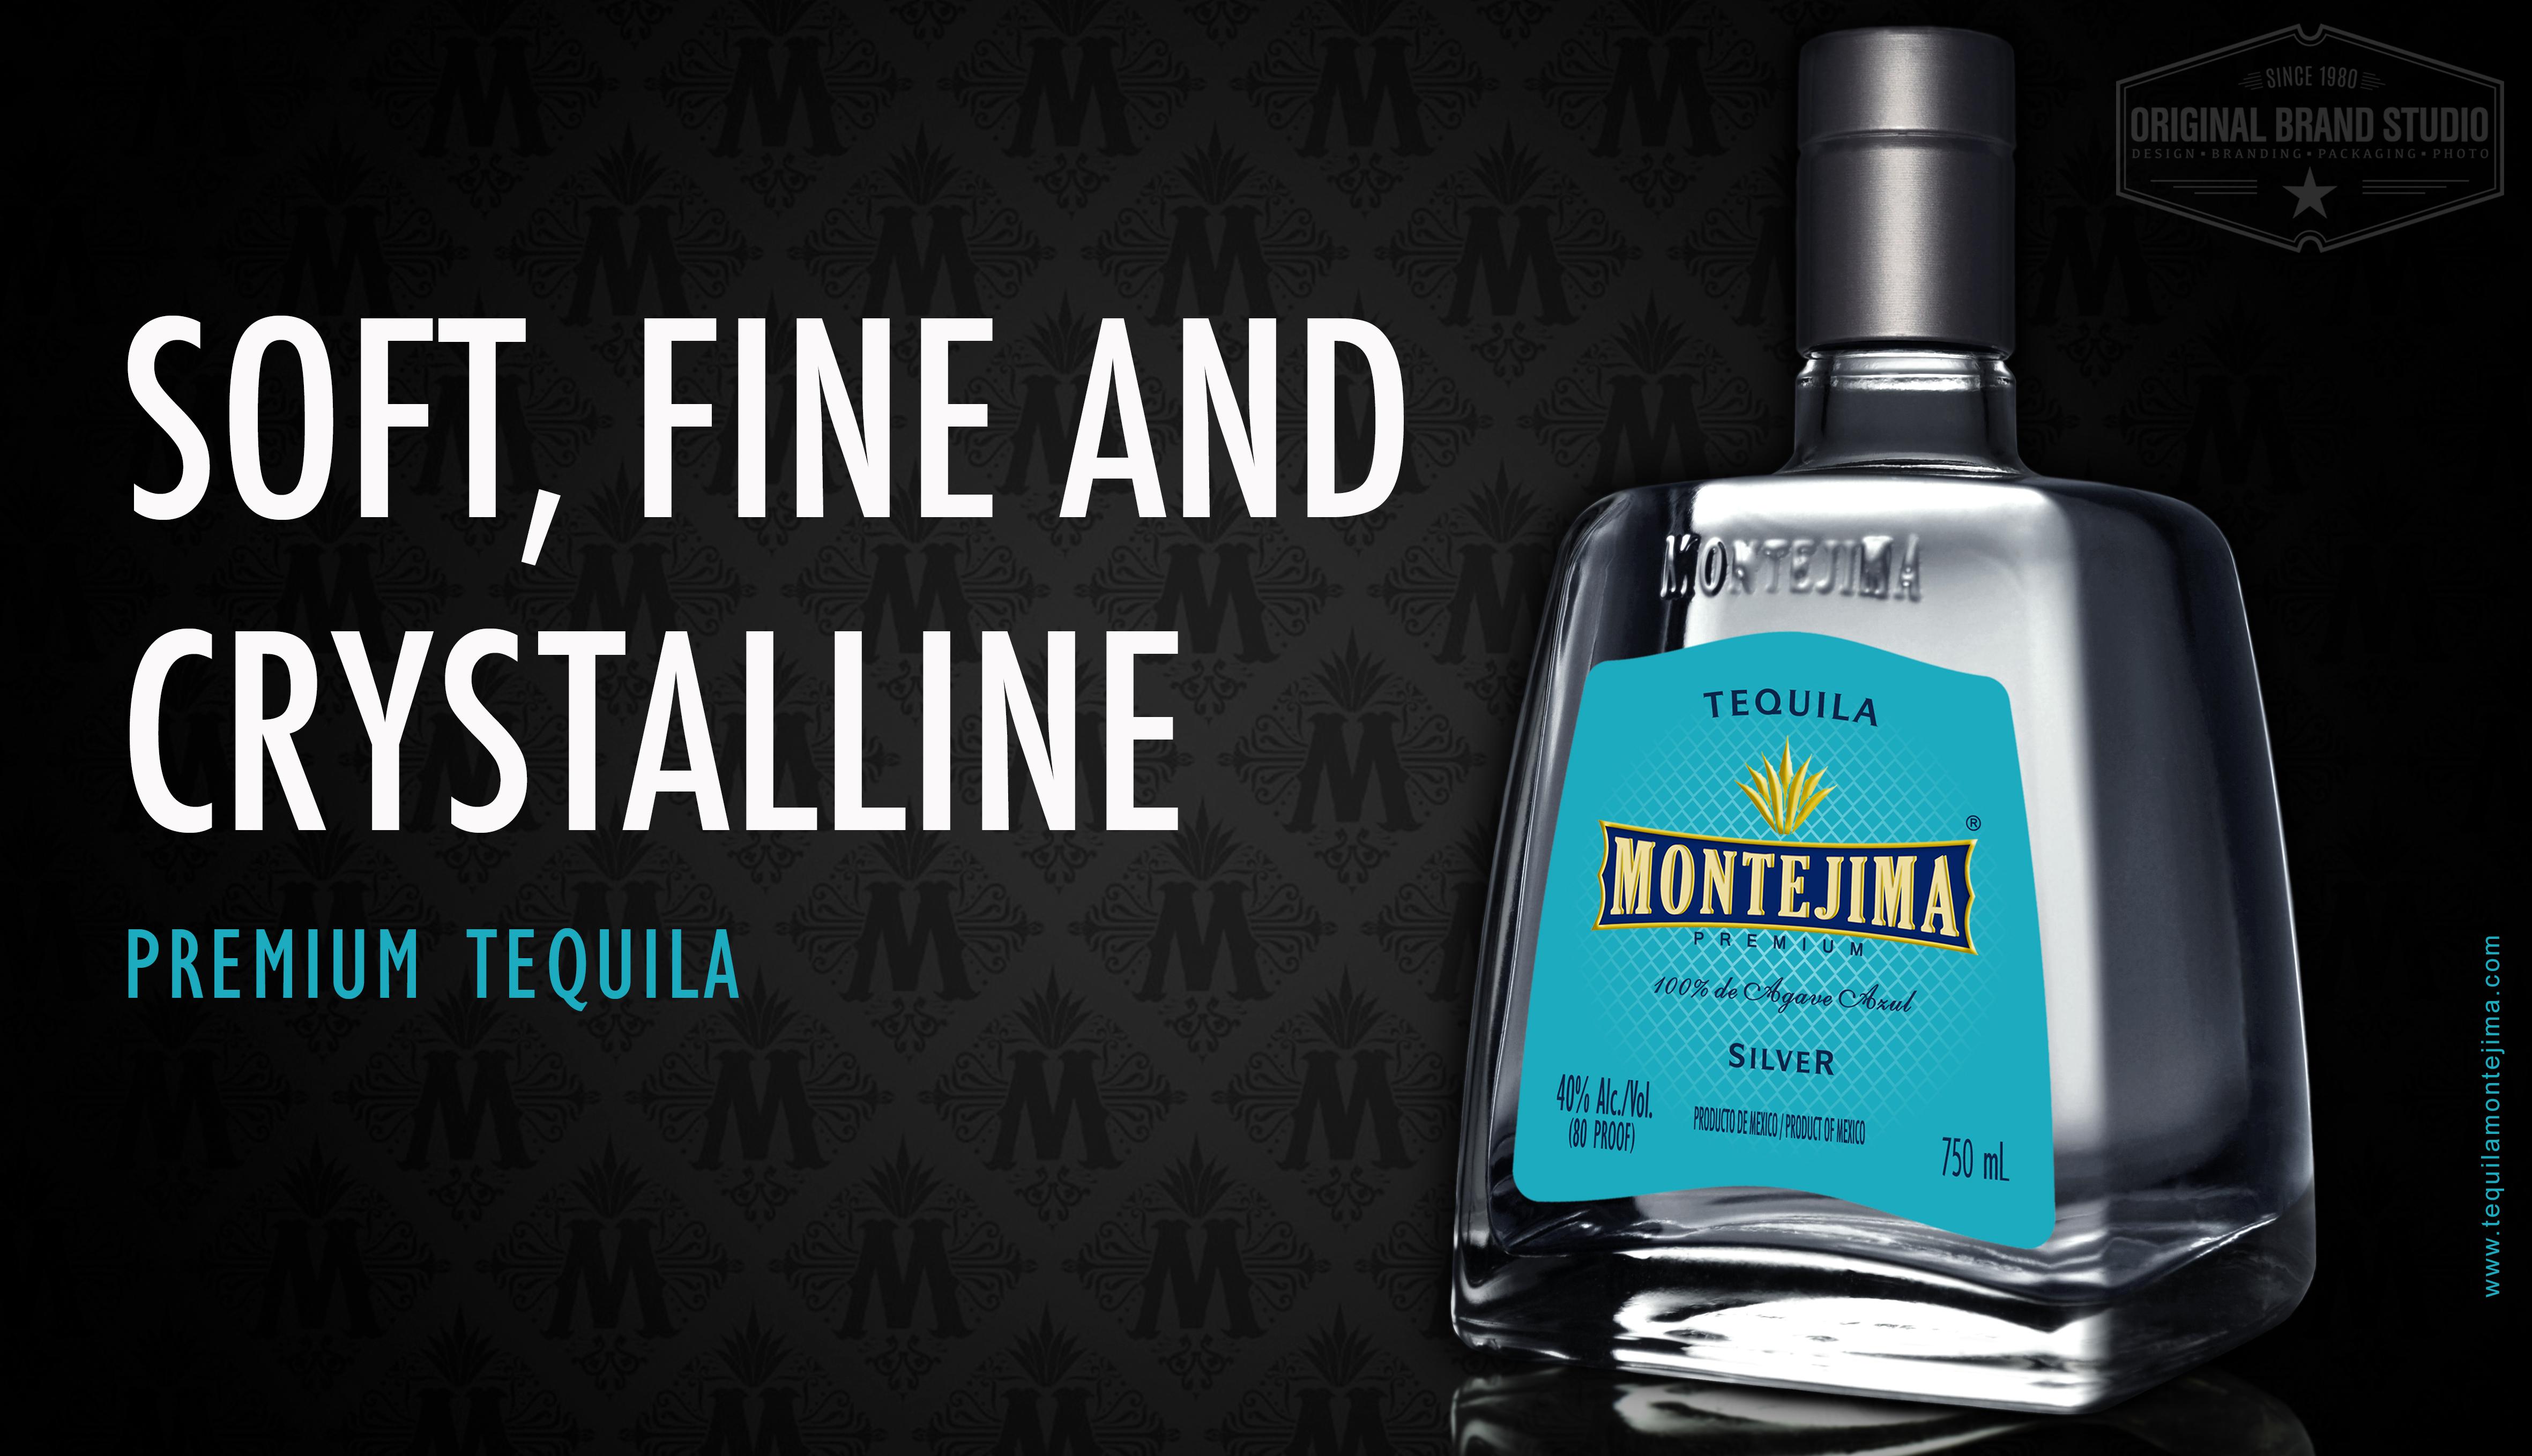 Spot Tequila Montejima Premium